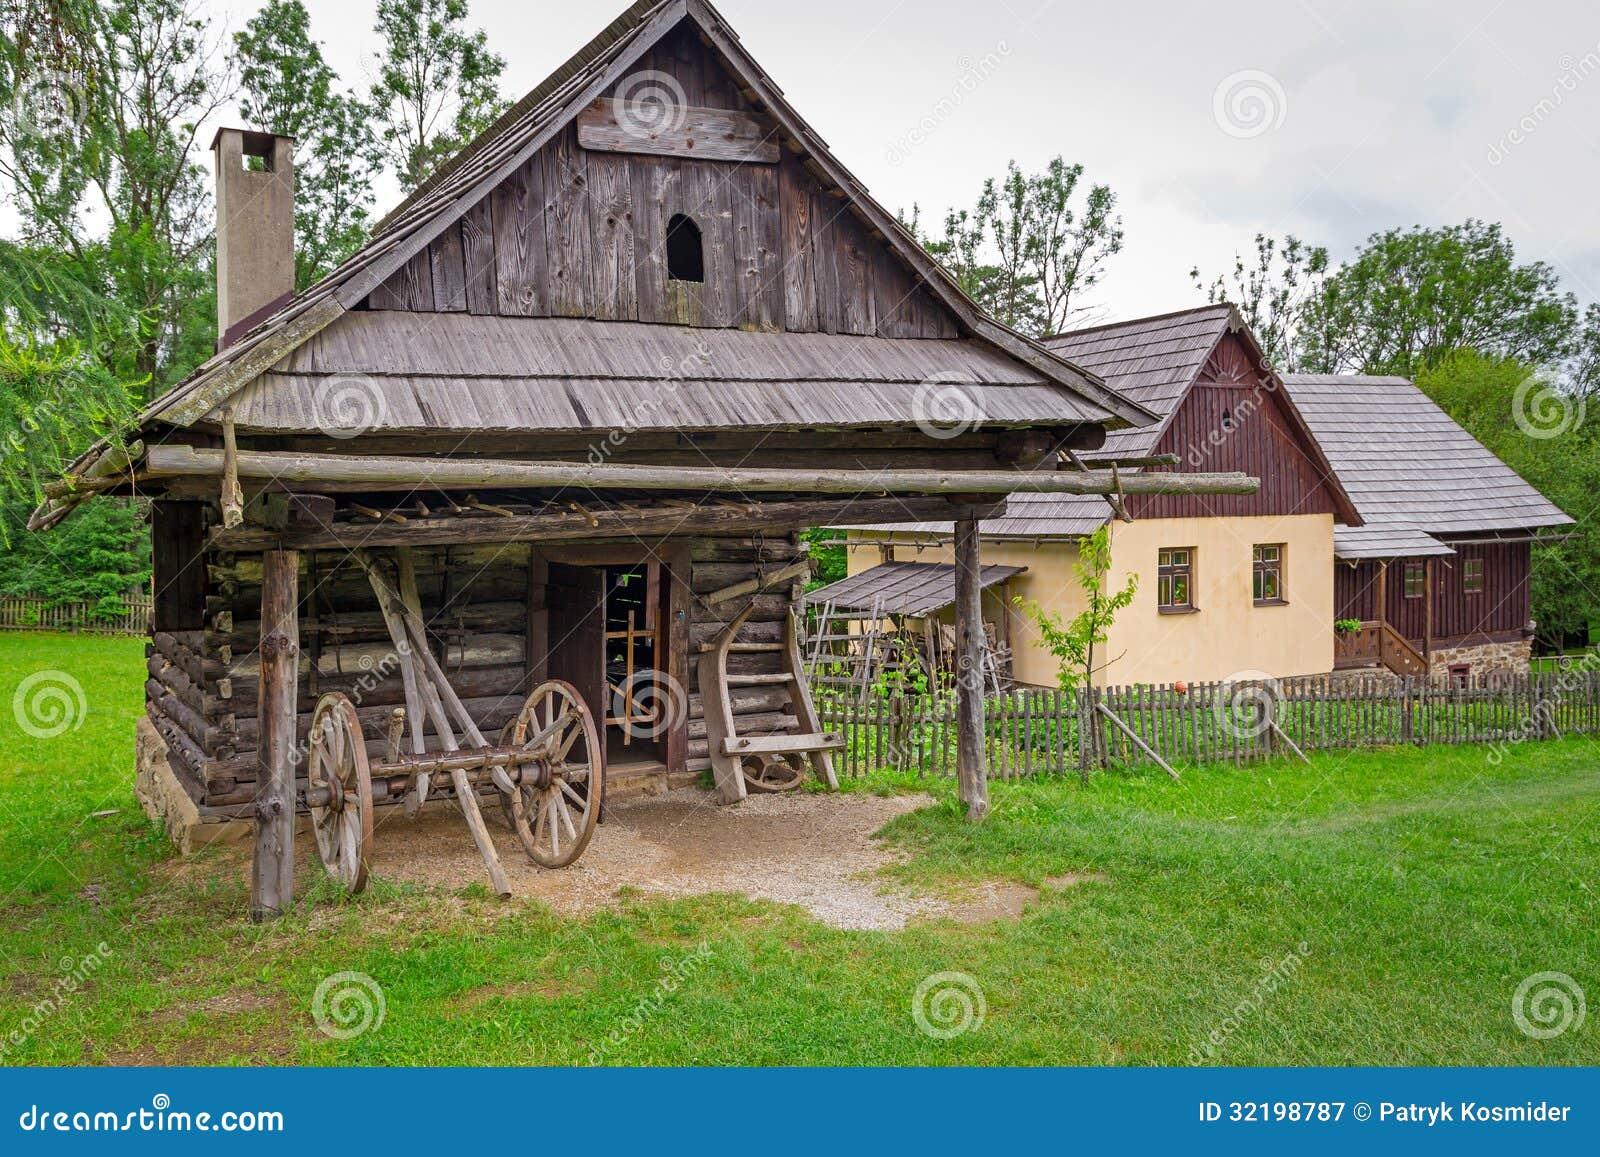 Villaggio tradizionale con le case di legno in slovacchia for Case di legno tedesche